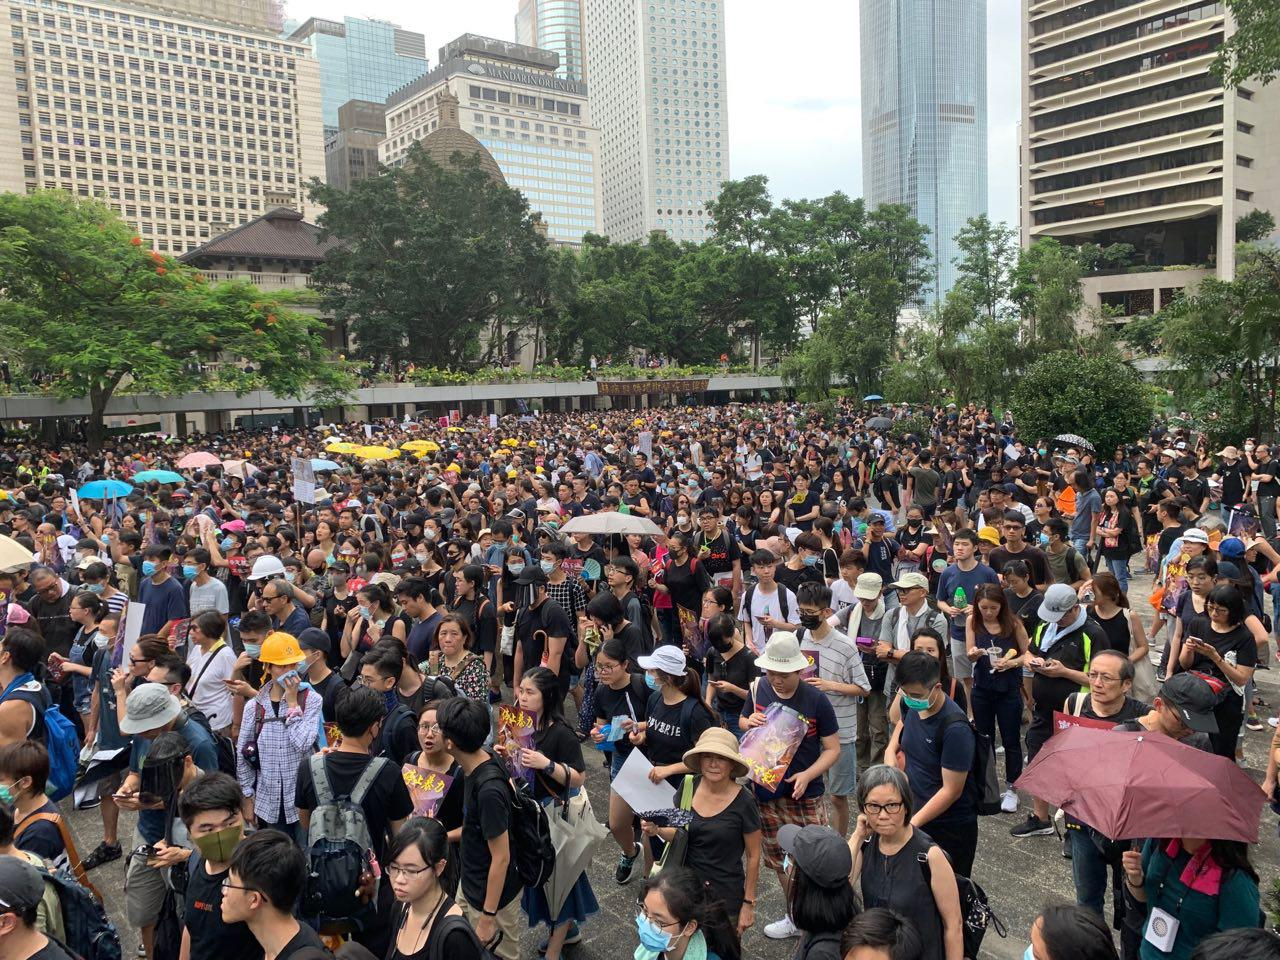 中環遮打公園集會上密密麻麻的反送中市民學生。(駱亞/大紀元)